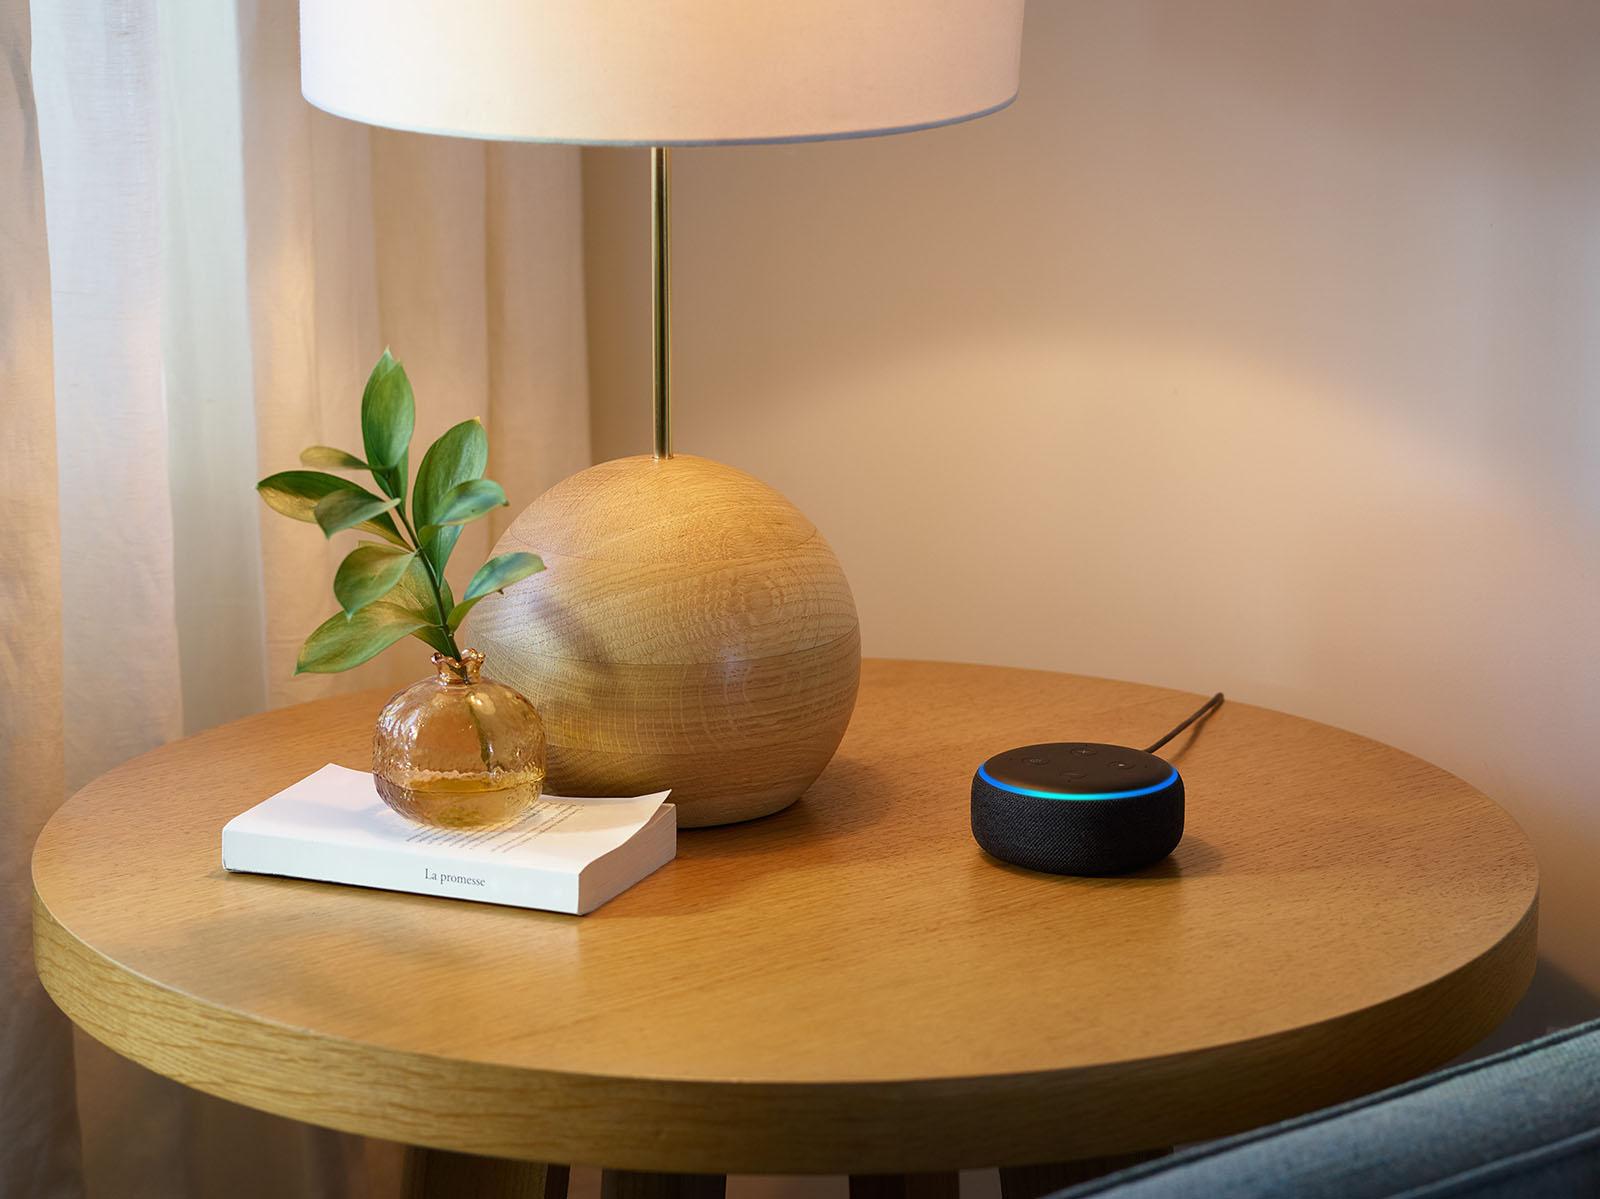 Amazon Echo Dot Alexa-Lautsprecher-Vergleich